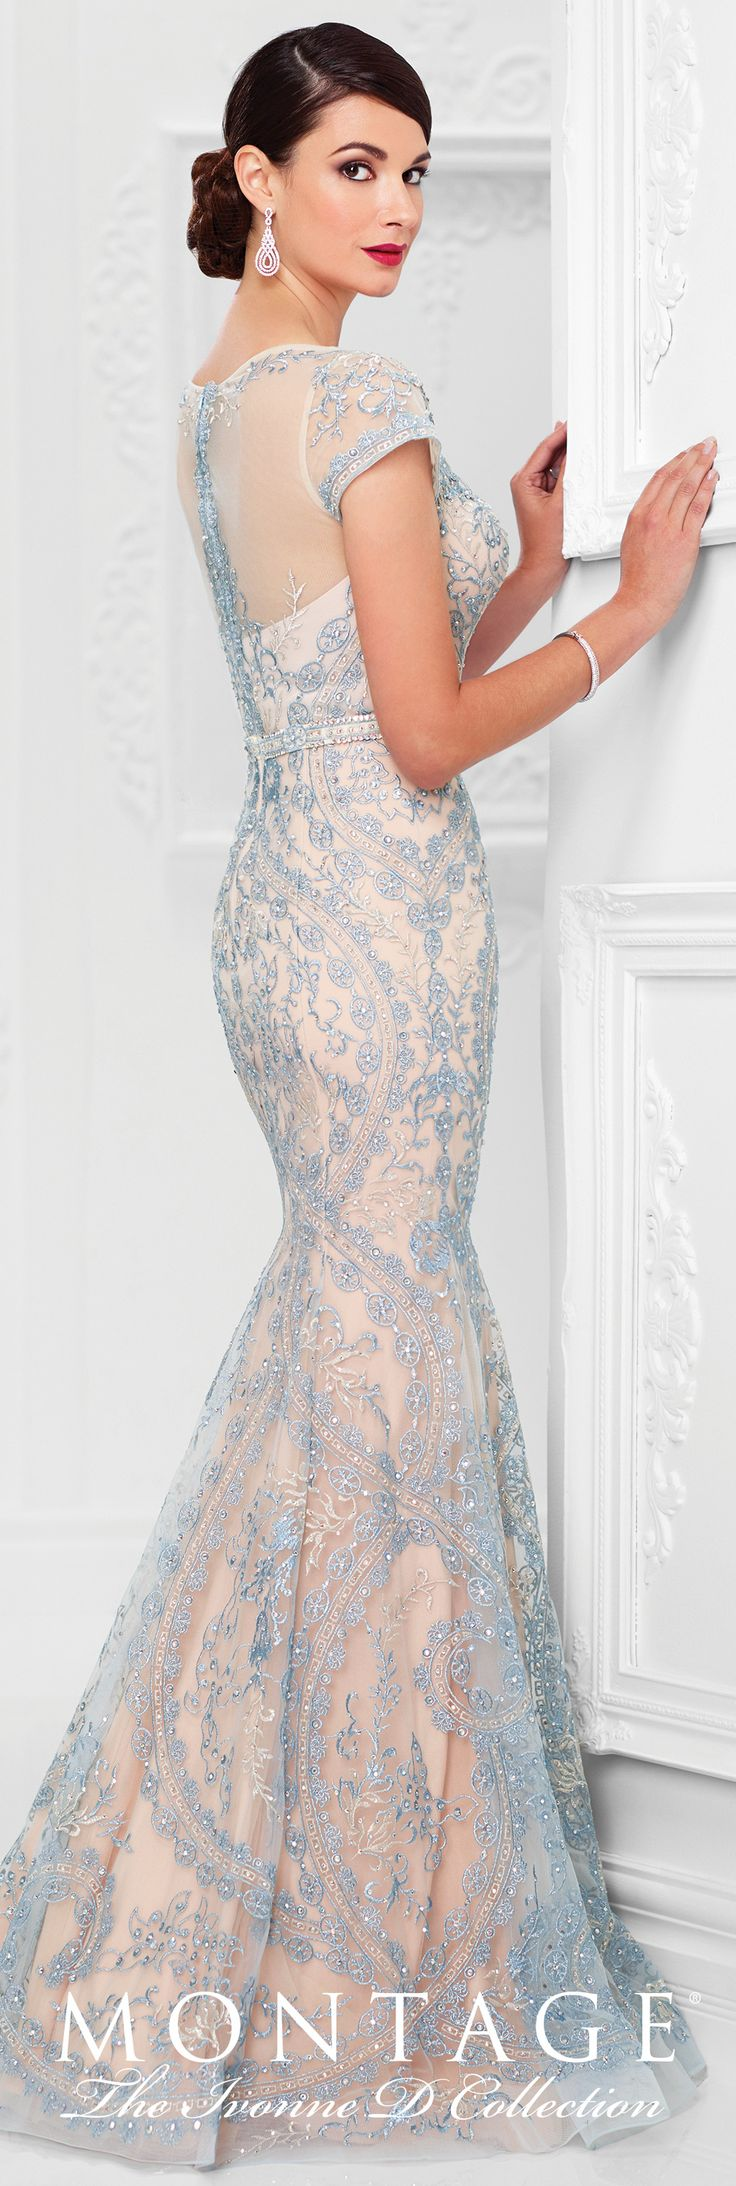 Best 25+ Blue evening gowns ideas on Pinterest